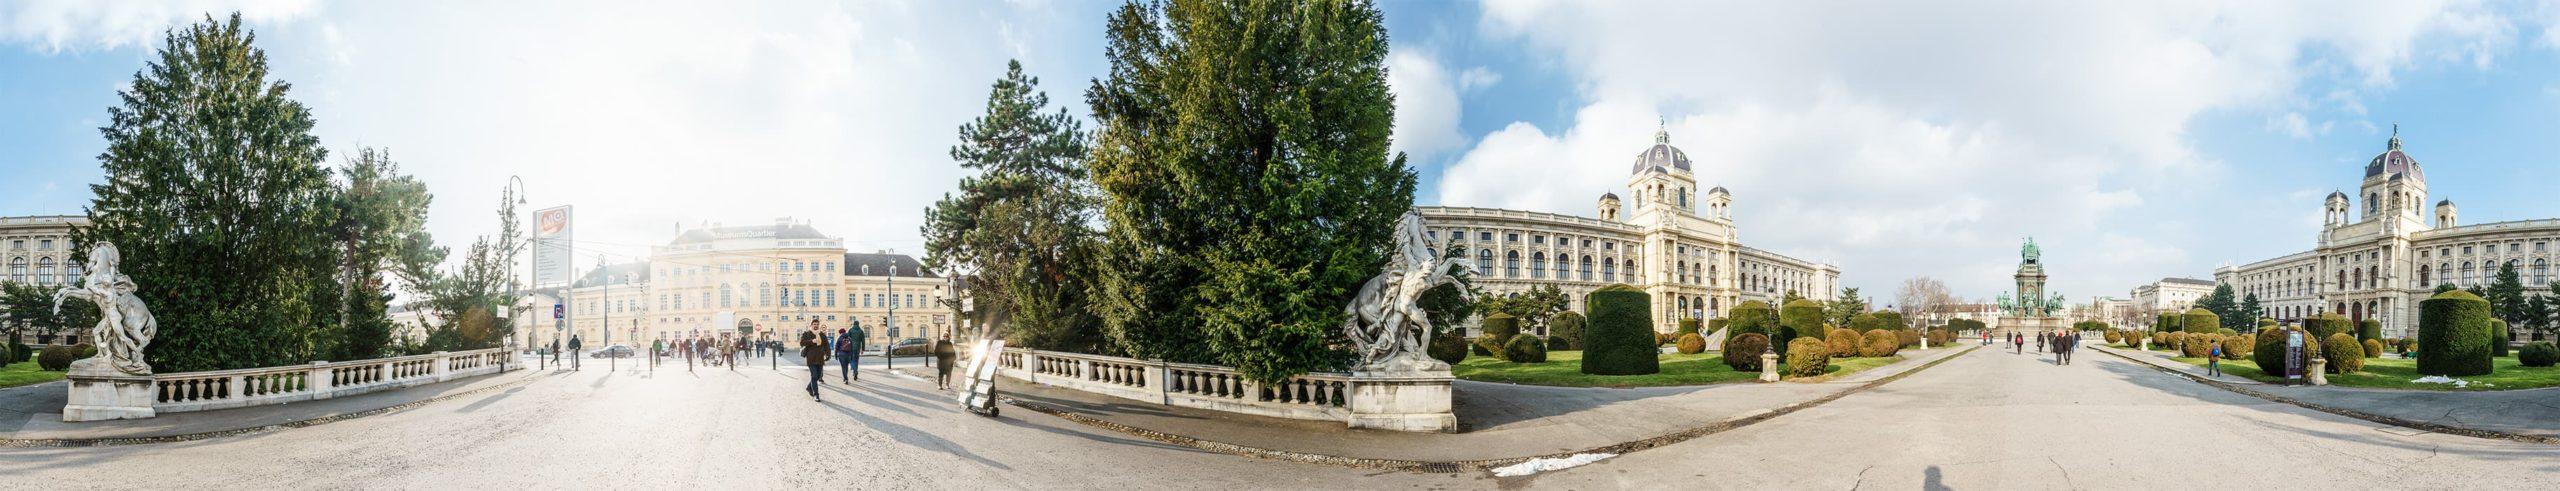 wien-panorama-maria-theresienplatz